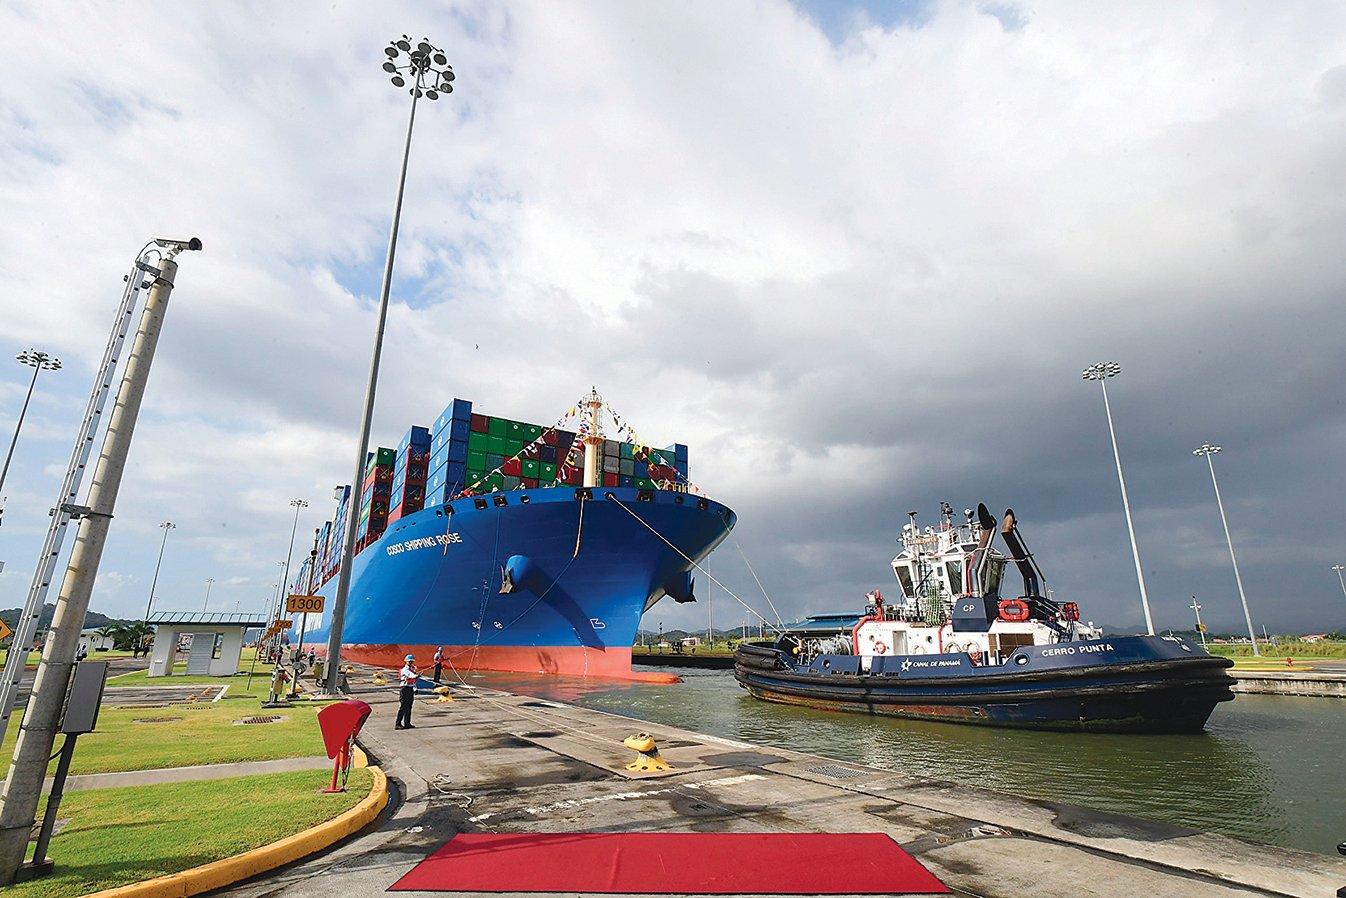 中共正在進行交易的約有 56 個不同水準的港口,其中包括巴拿馬運河兩側的港口。圖為中遠集團貨櫃船正在通過巴拿馬運河。(LUIS ACOSTA/AFP via Getty Images)